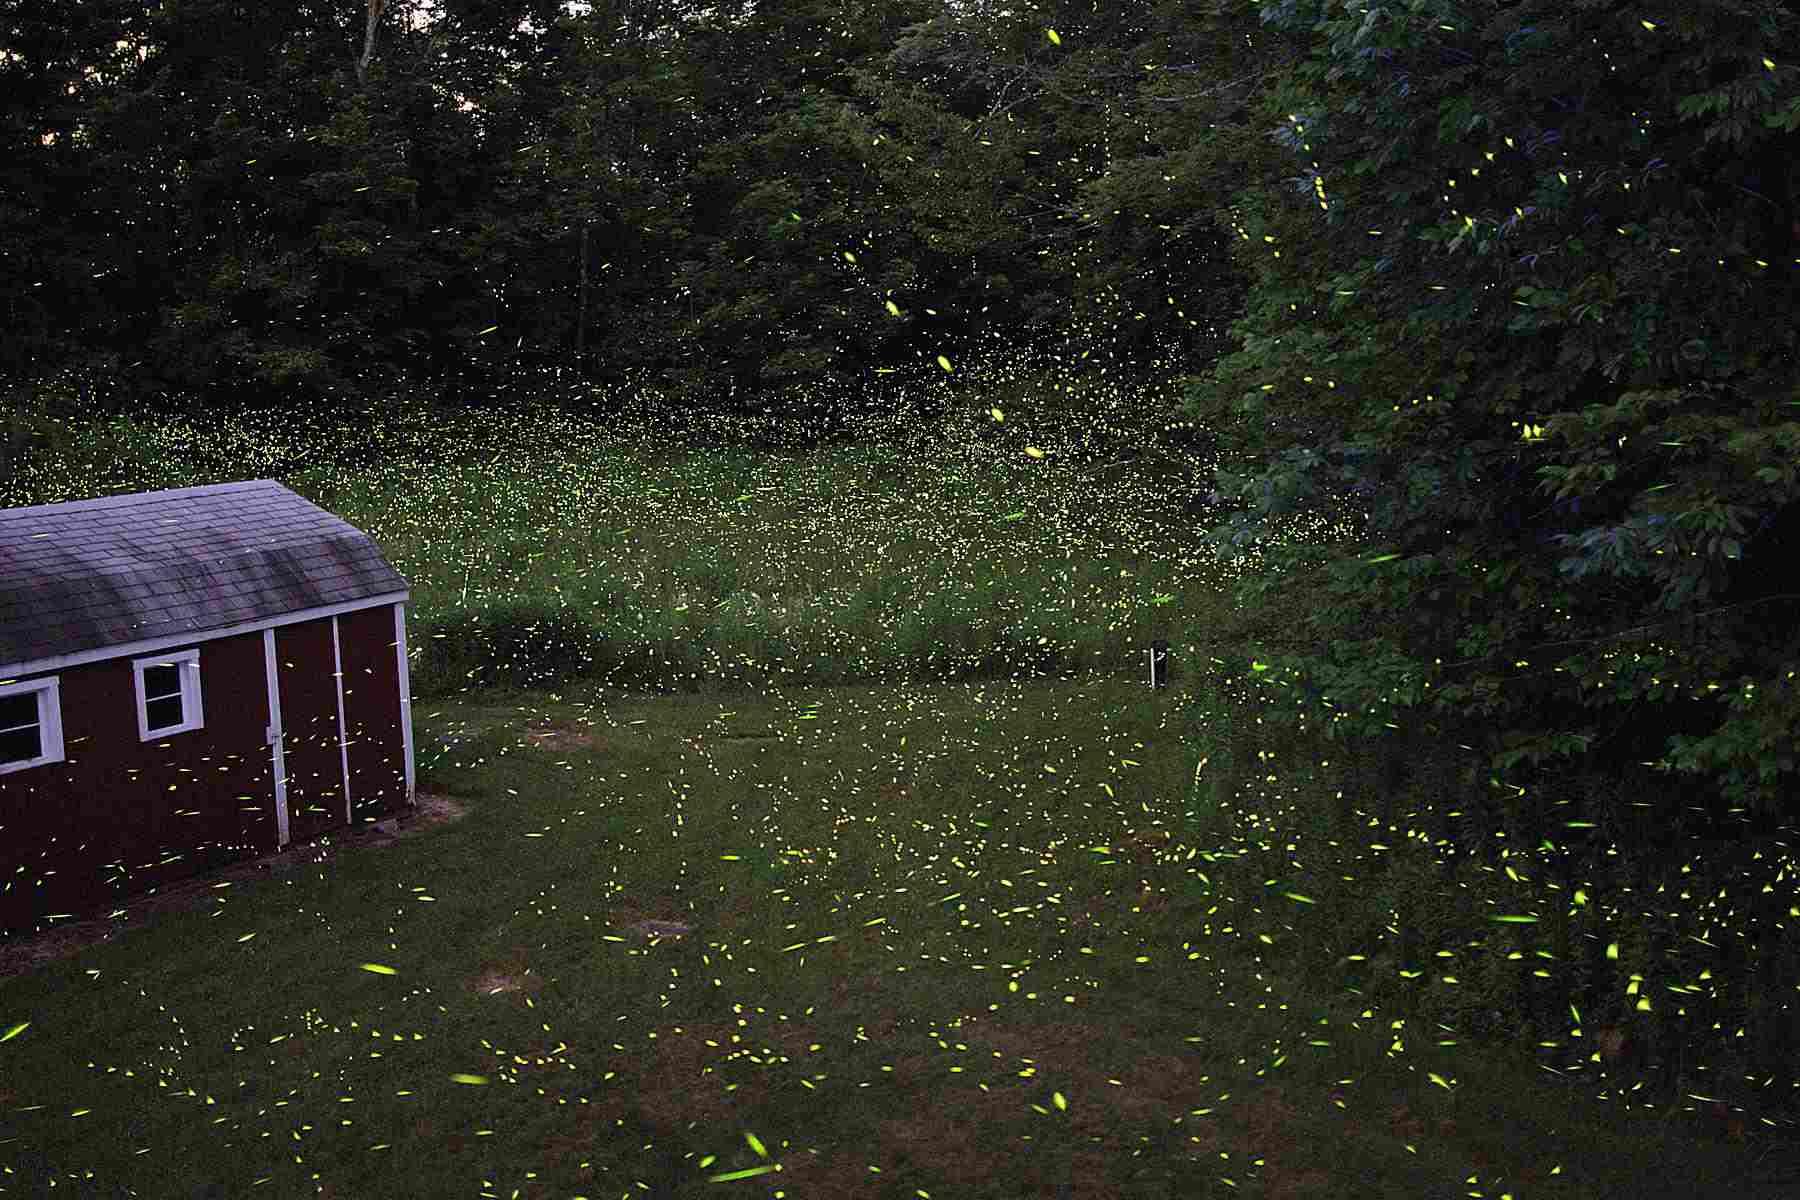 Fireflies flashing at dusk.